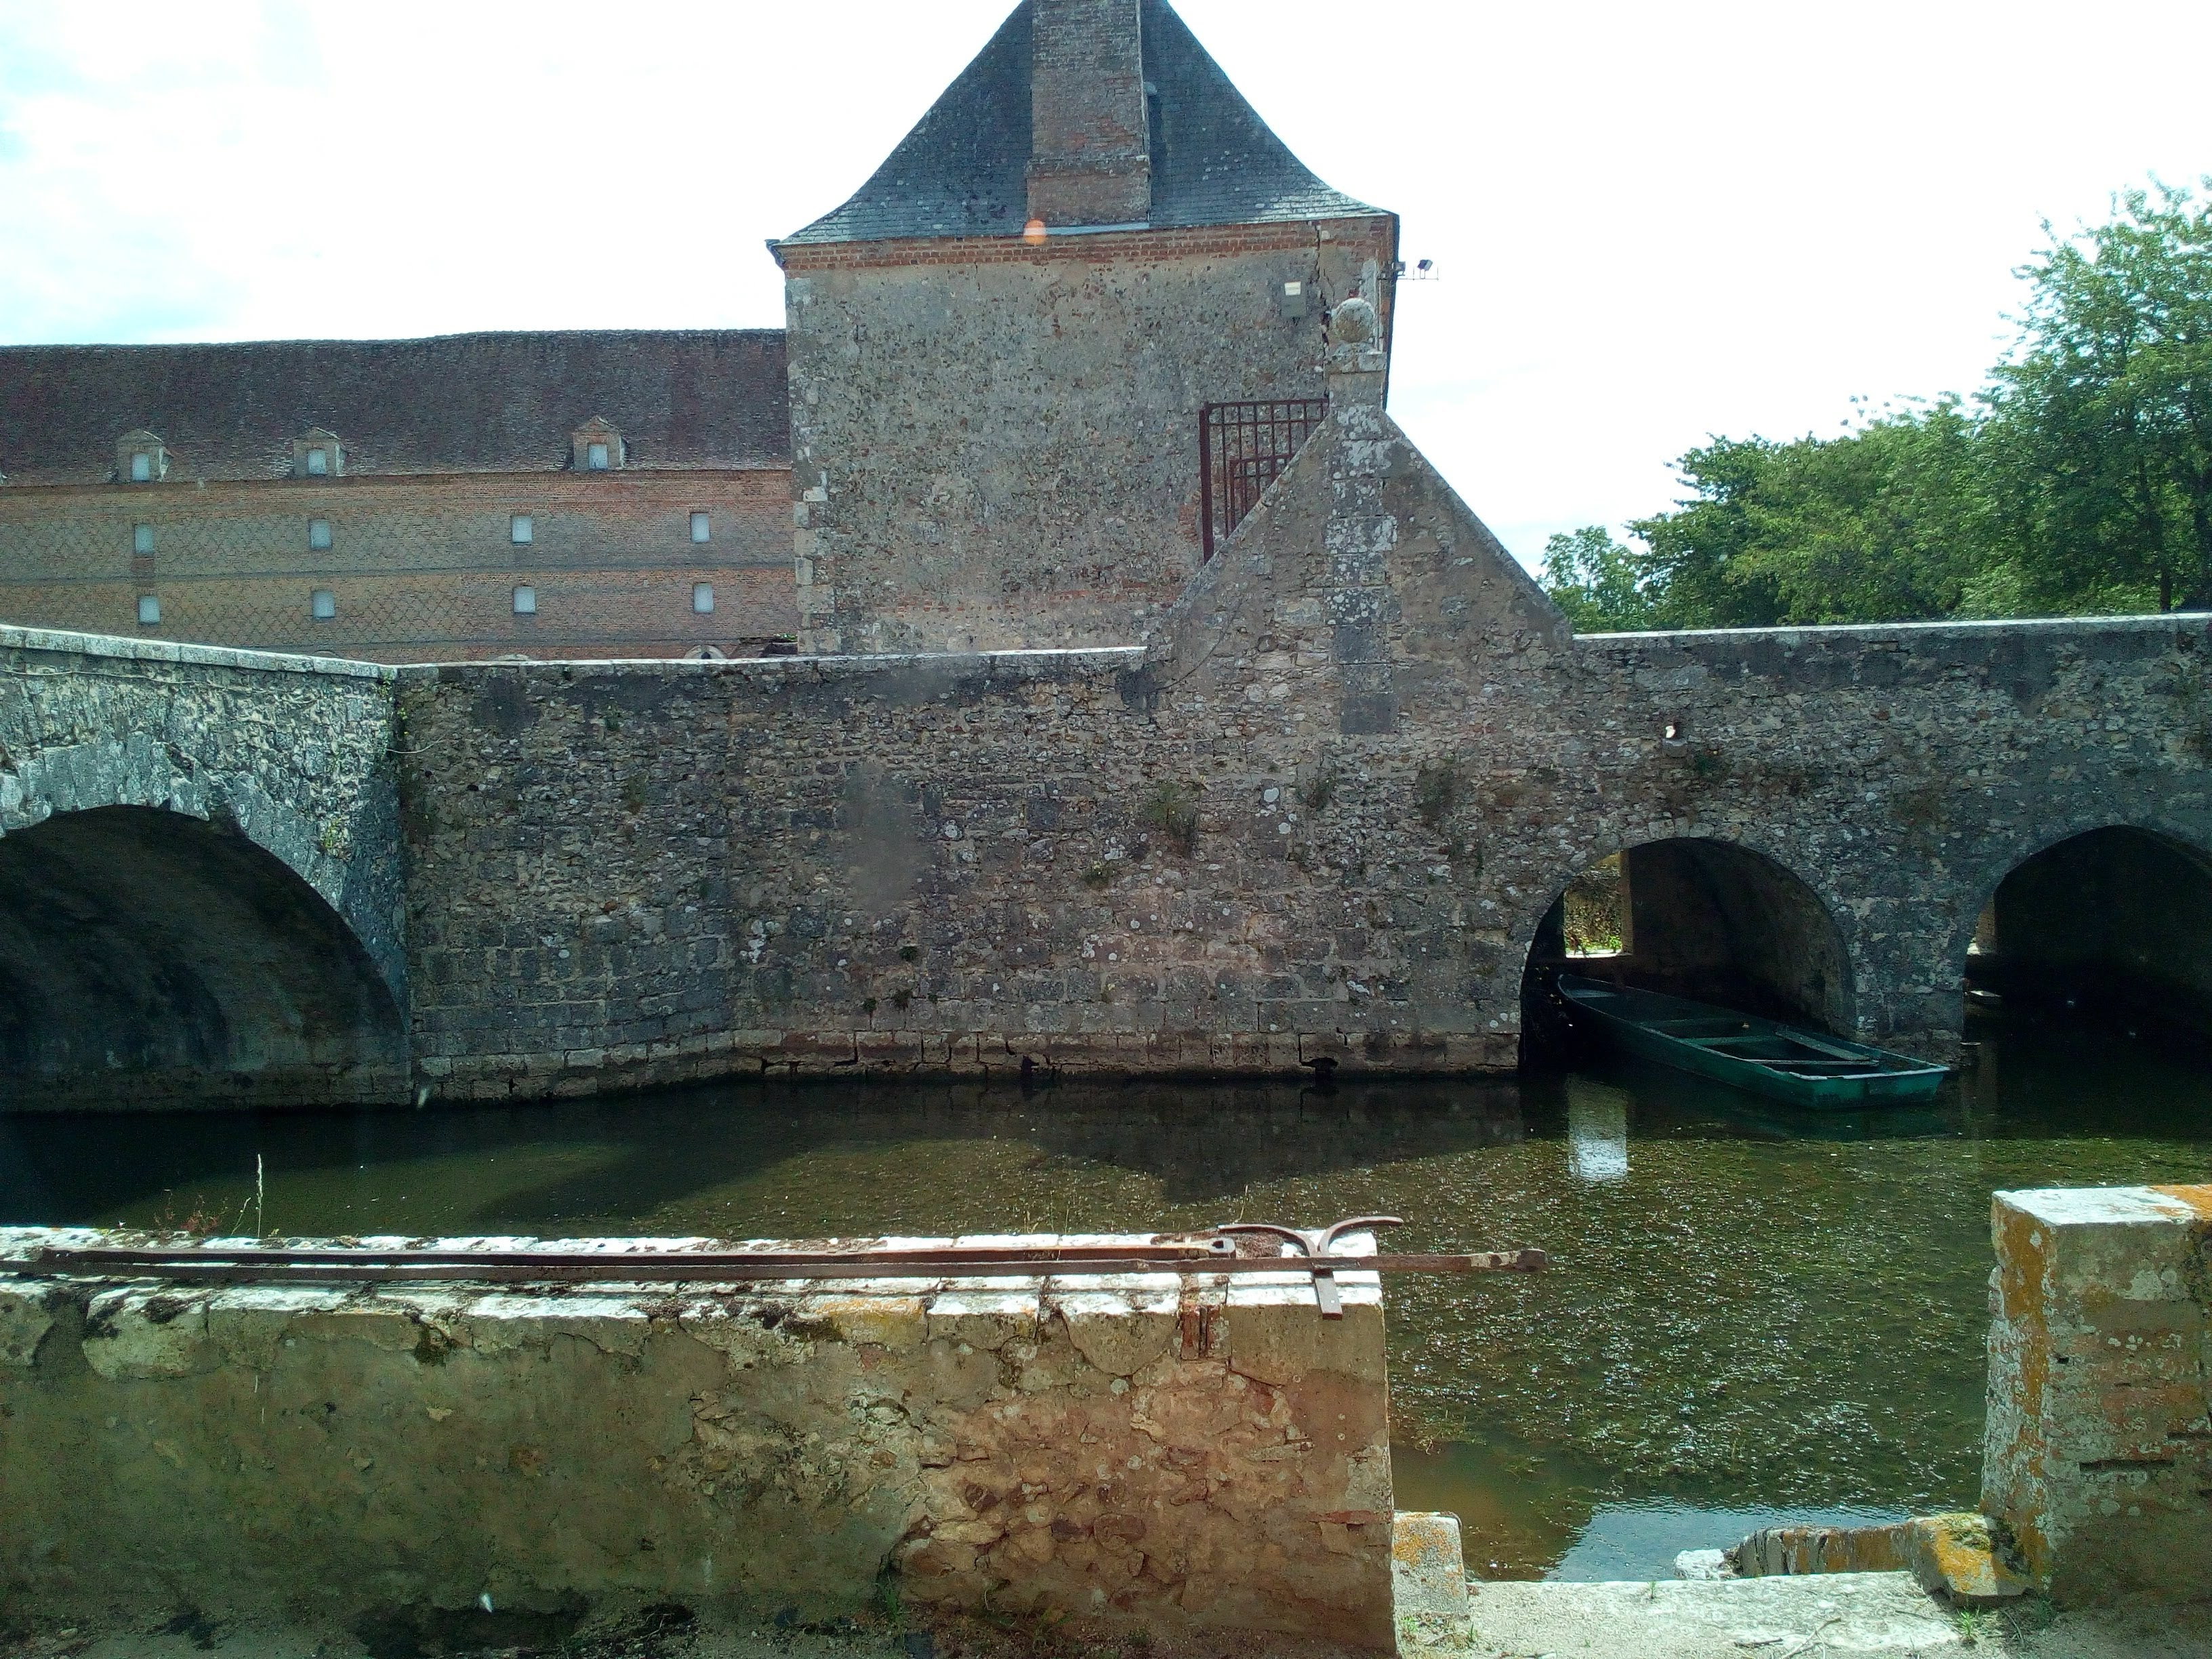 Château de la Bussière, Loiret